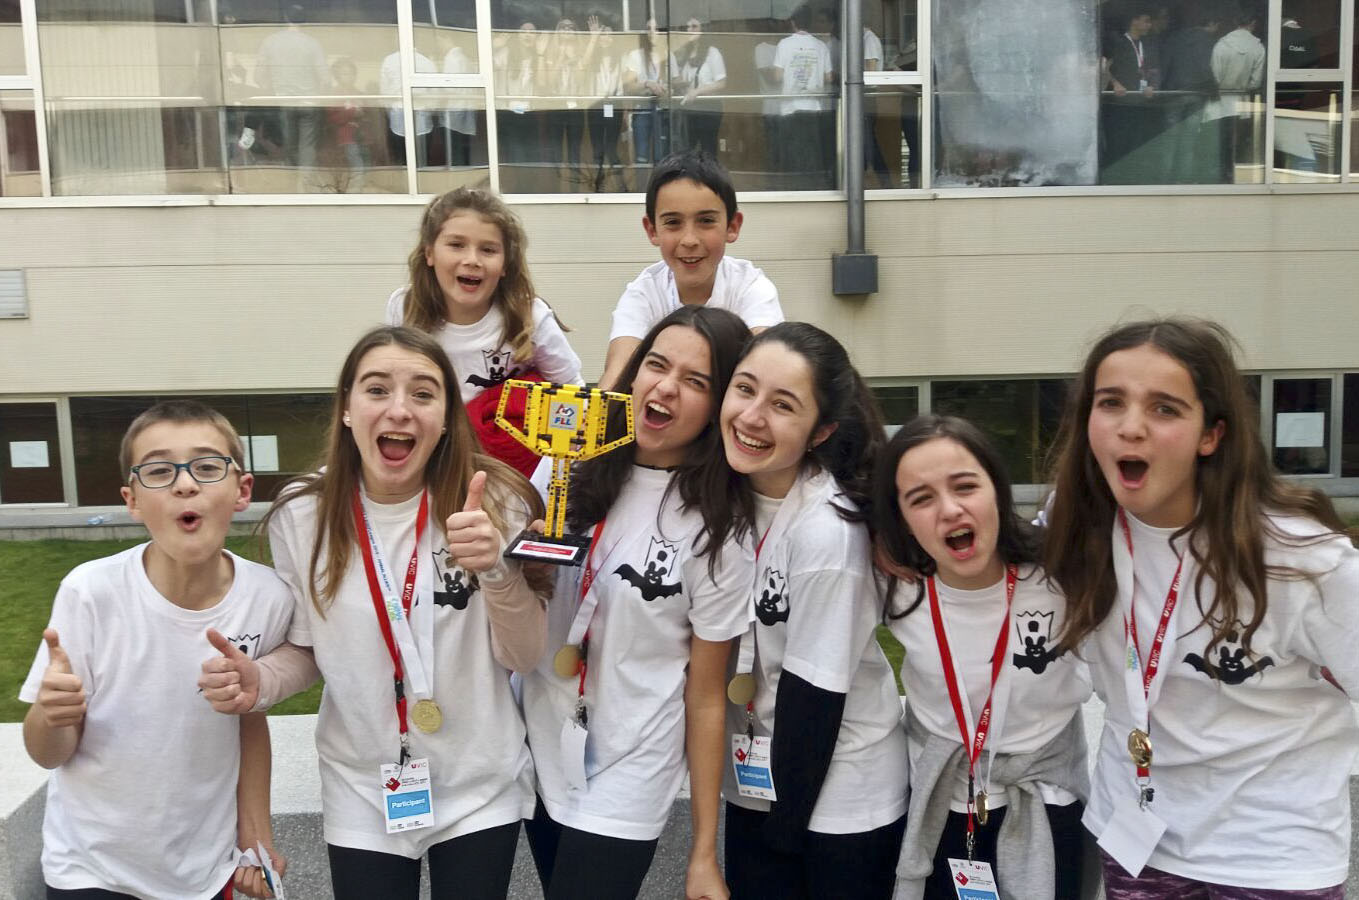 Els joves de Sant Pere guanyadors del concurs